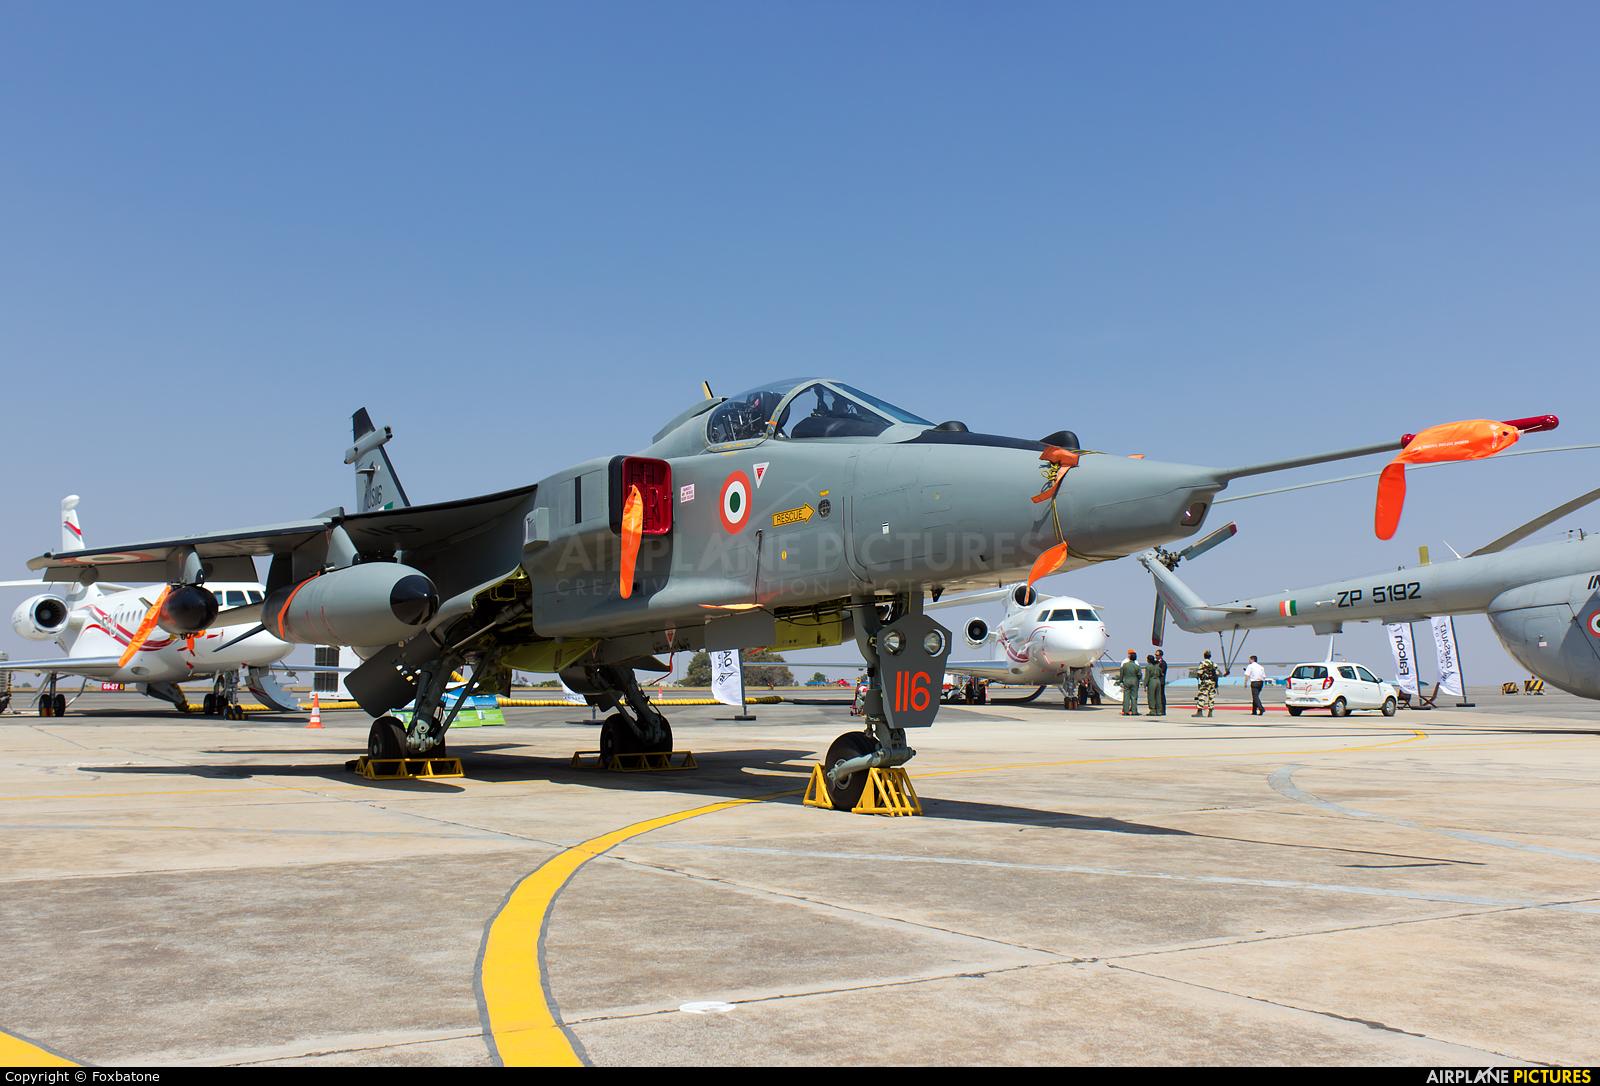 India - Air Force JS116 aircraft at Yelahanka AFB